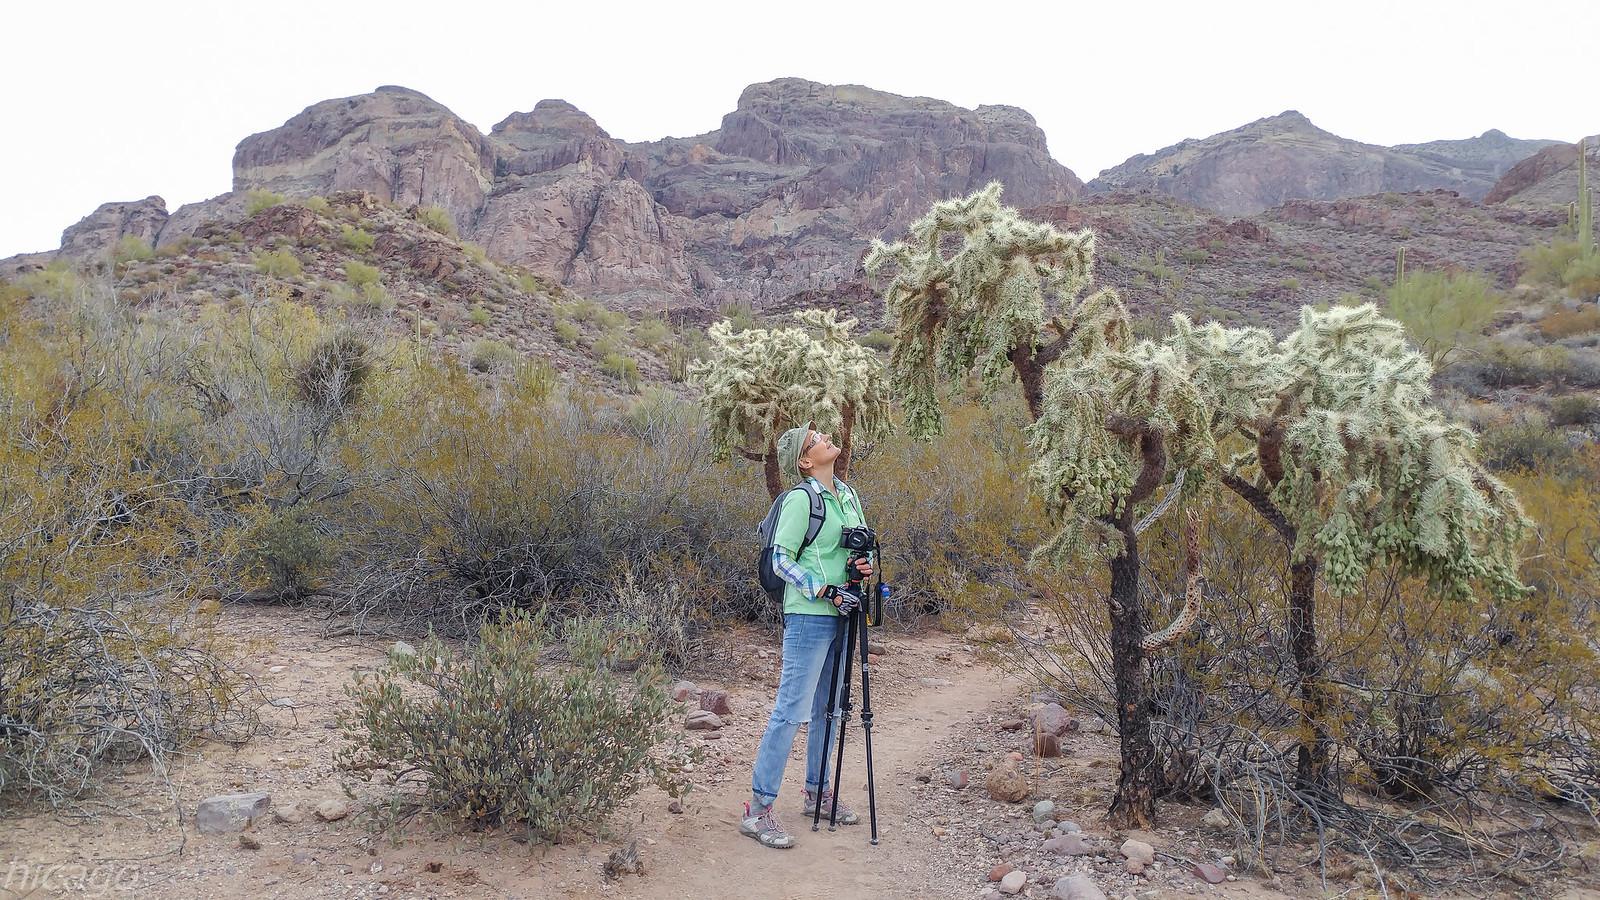 Южная Аризона - Donde vive el cactus?